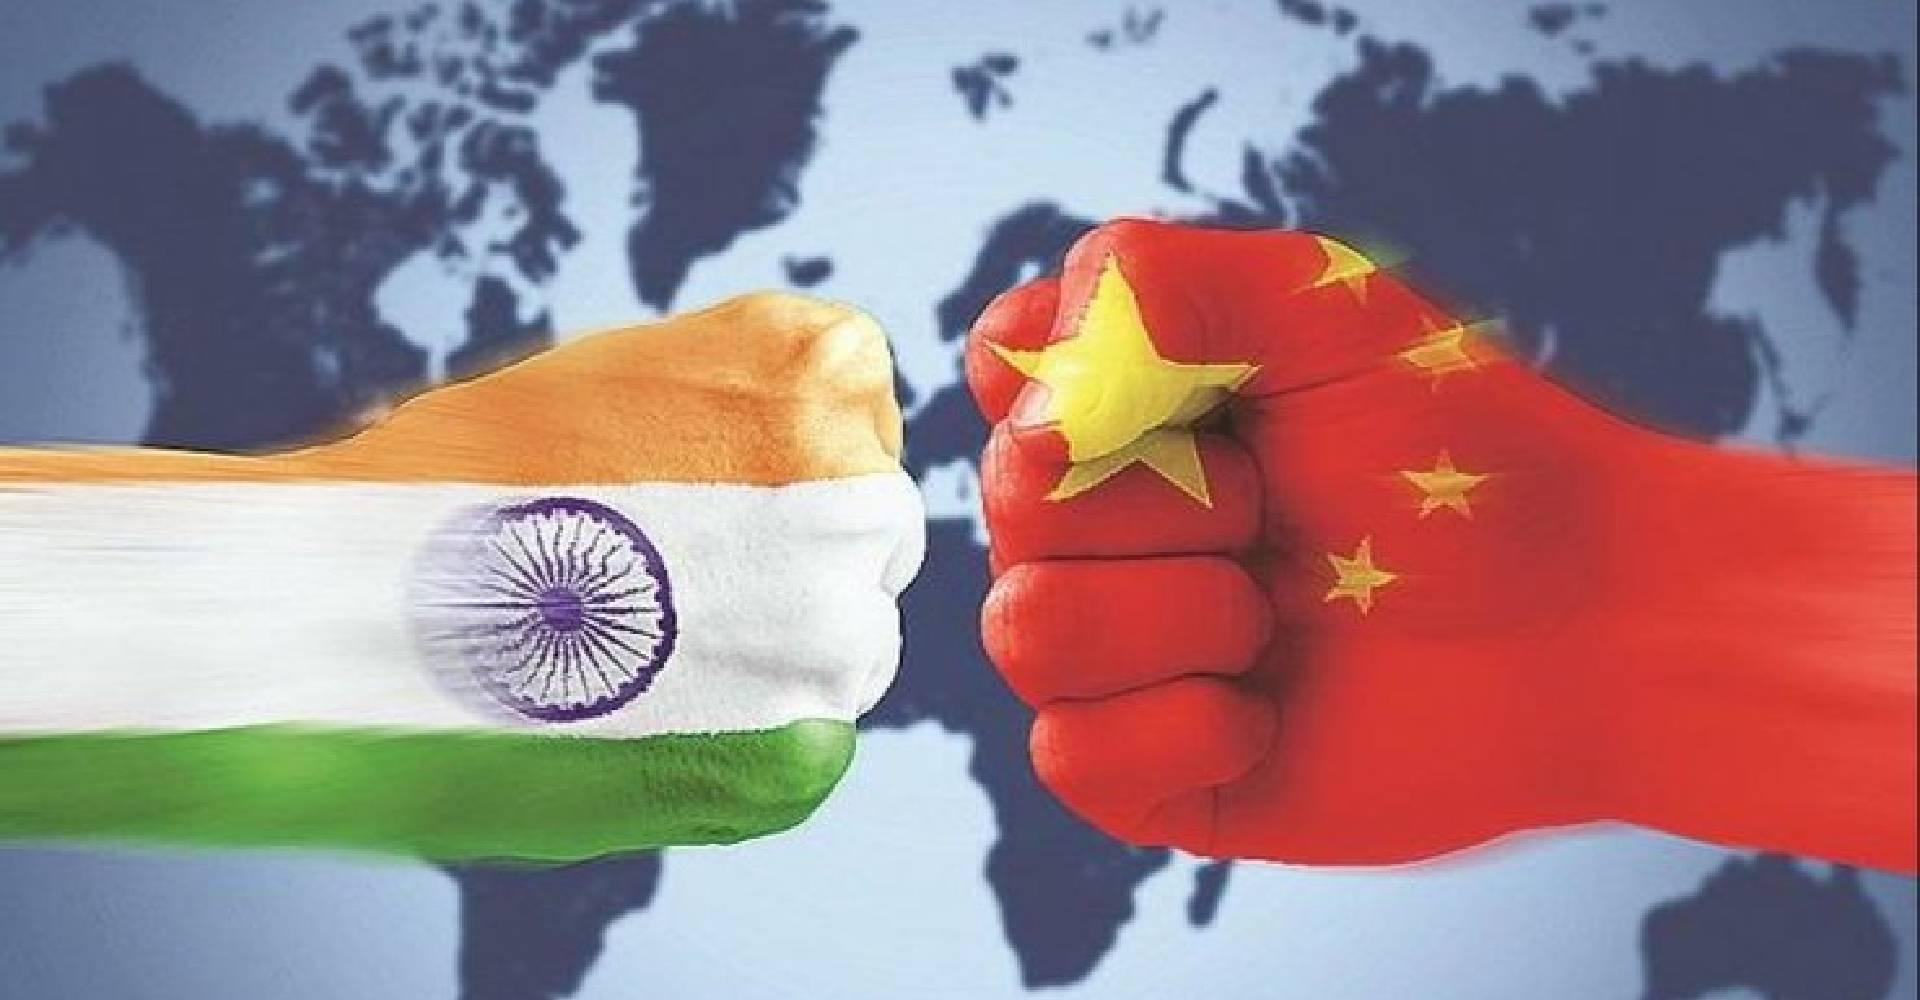 सूर्य ग्रहण के बाद ग्रहों का संकेत भारत और चीन के बीच होगा युद्ध?